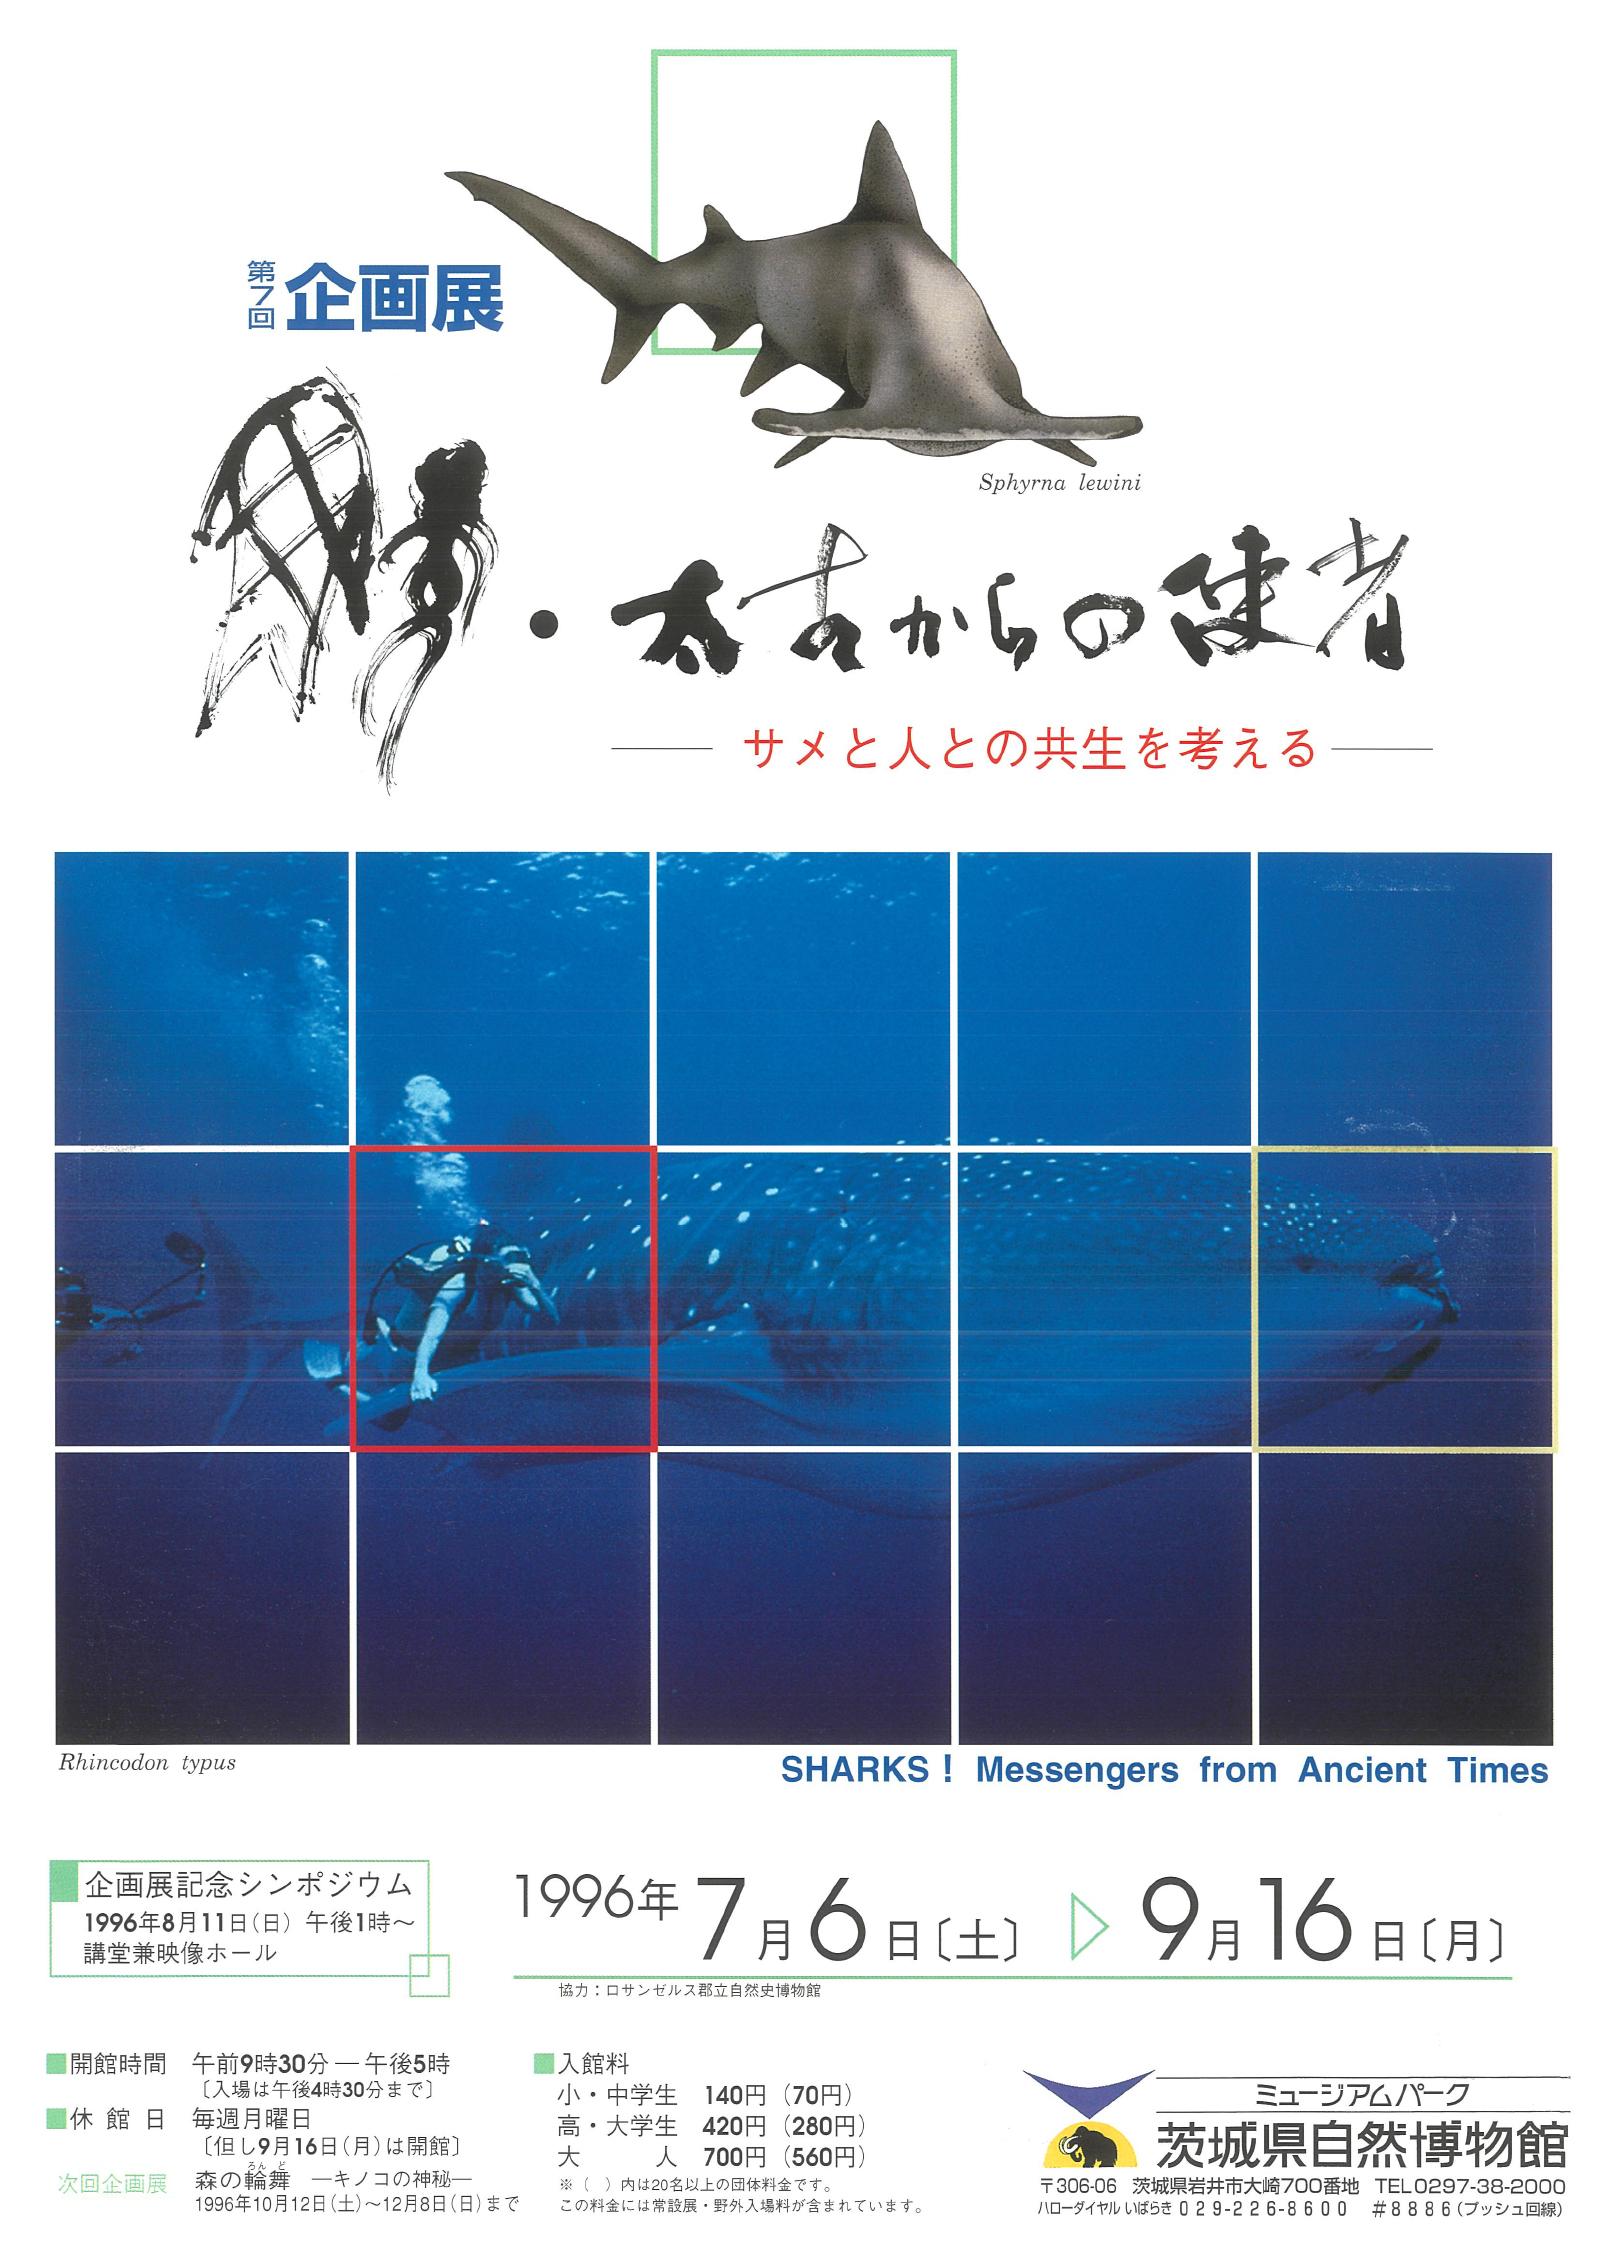 鮫・太古からの使者 -サメと人との共生を考える